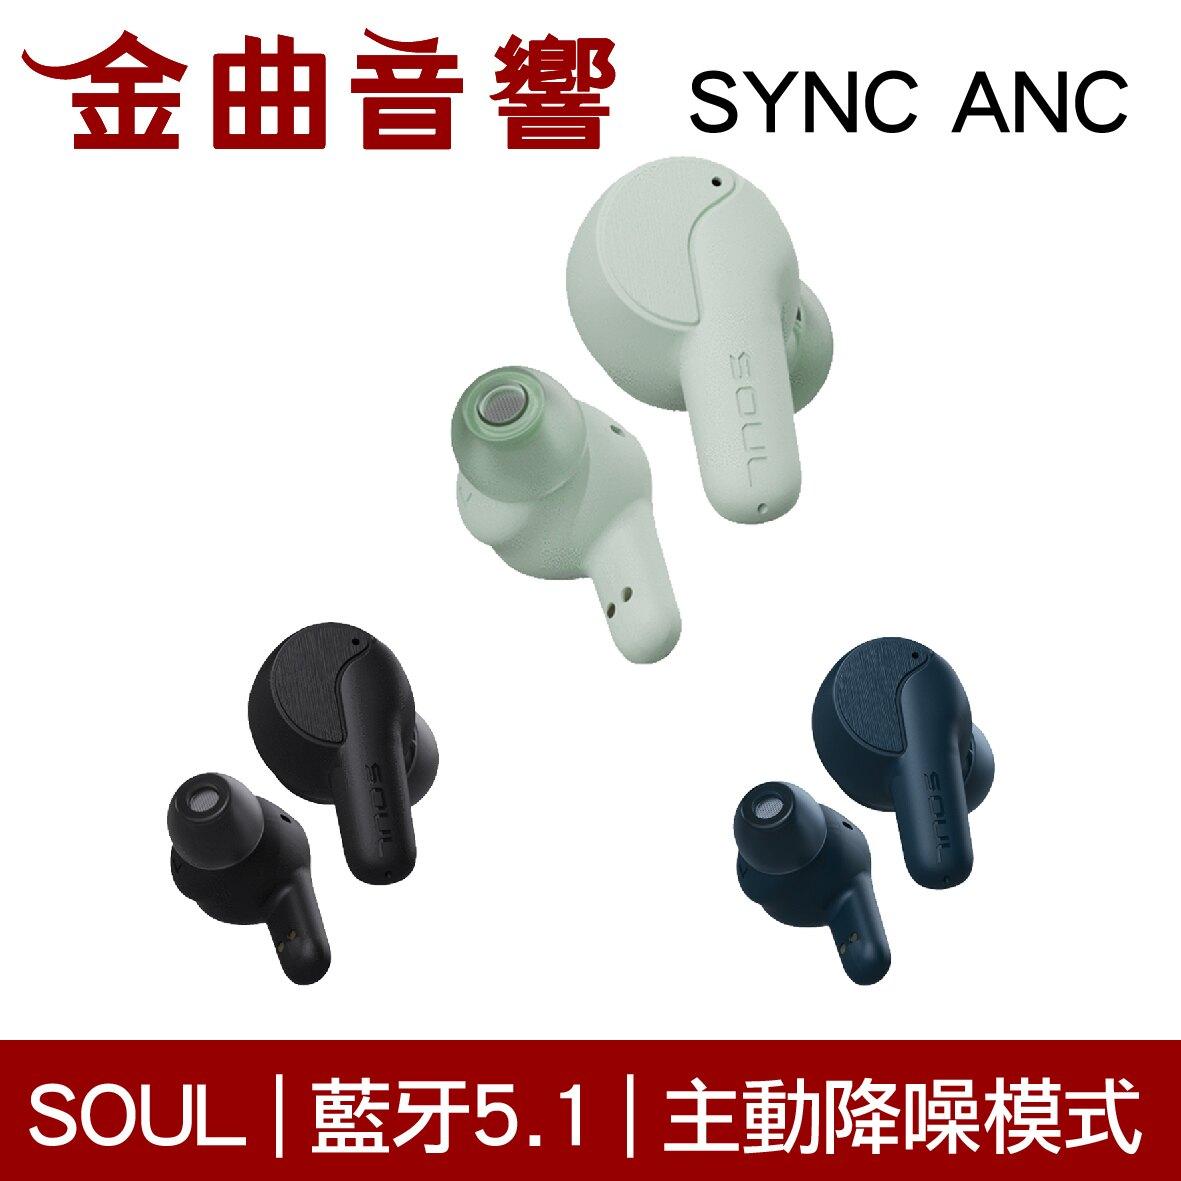 SOUL SYNC ANC 藍色 主動降噪 真無線 藍芽 耳機 | 金曲音響